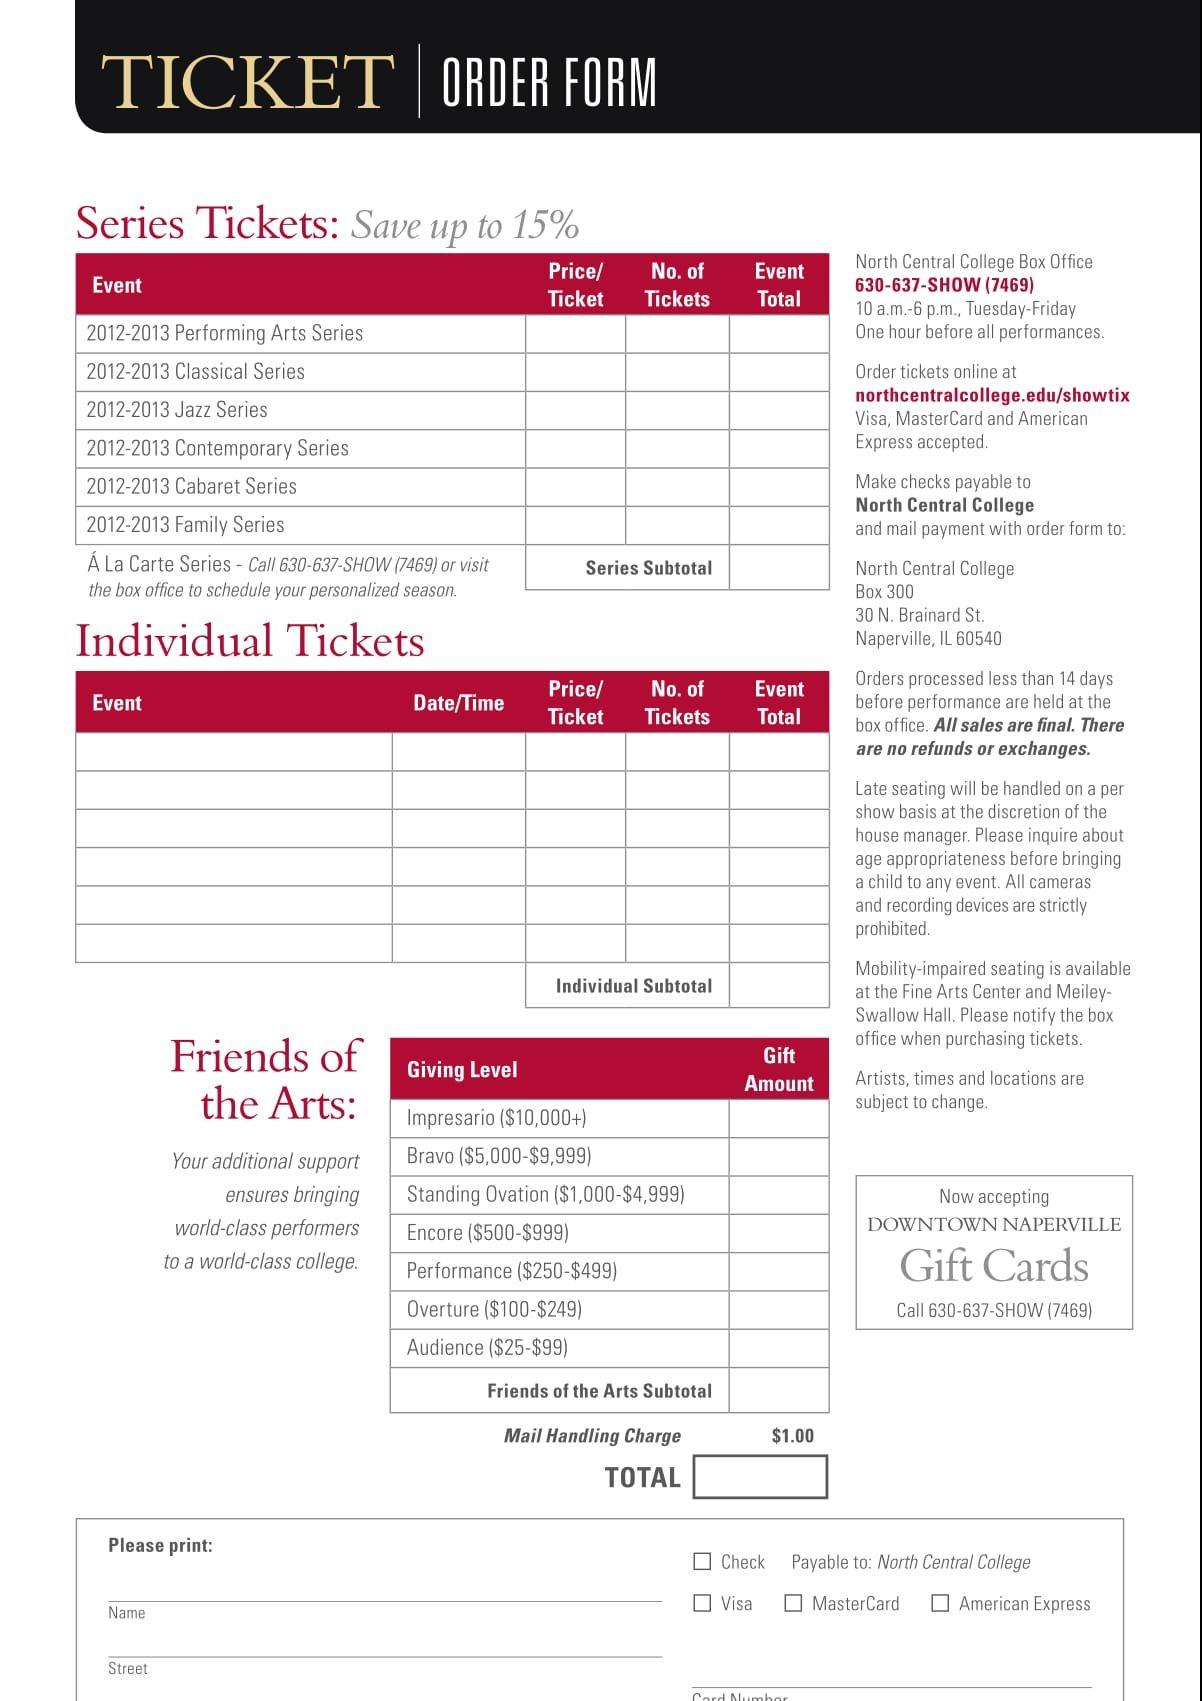 ticket order form sample 1 e1512610053202